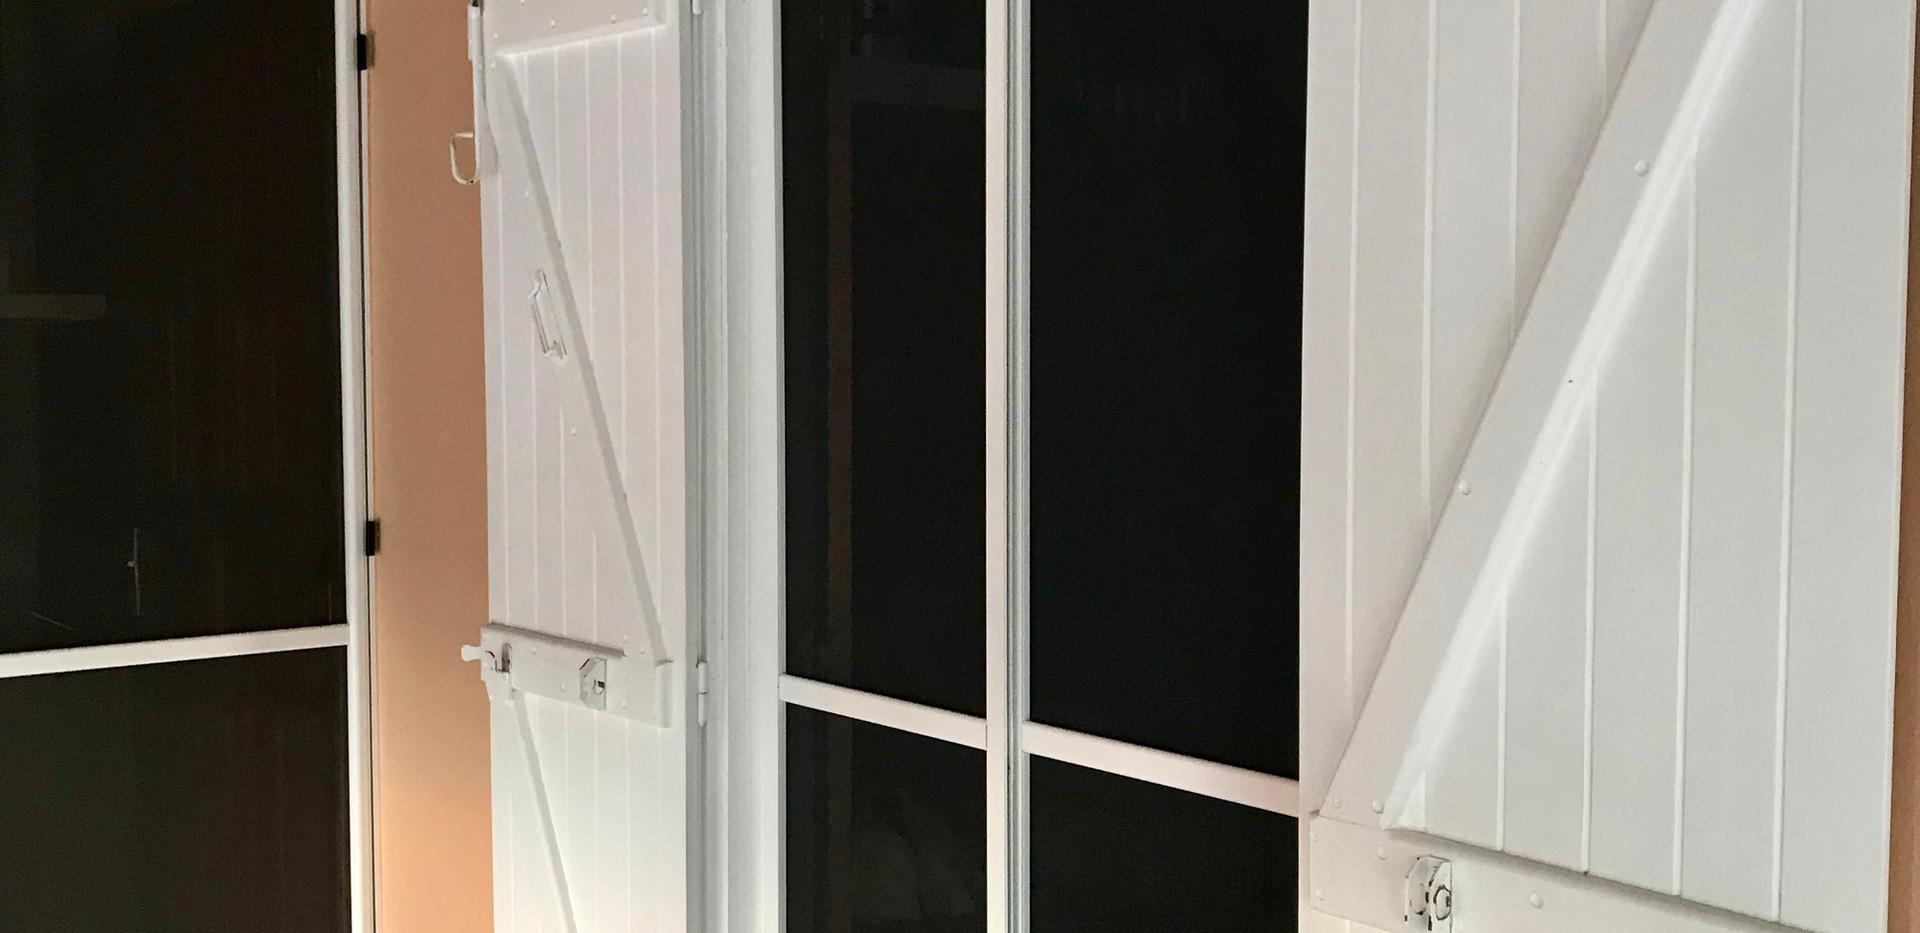 moustiquaire coulissante baie vitrée